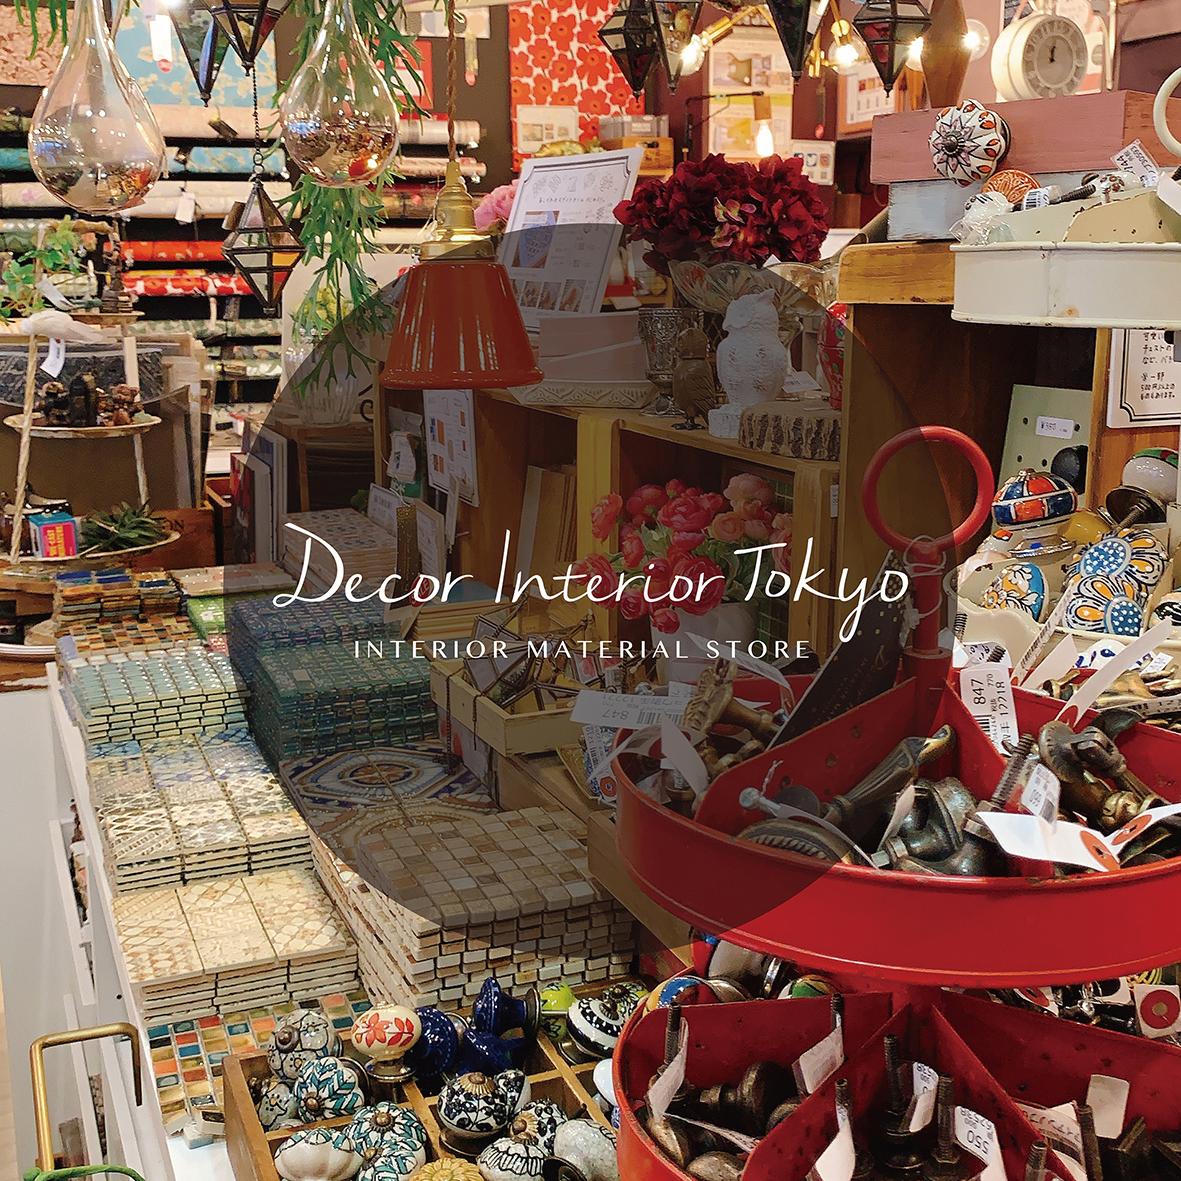 DIYインテリア専門店 Decor Interior Tokyo -ここでしか買えない!当店人気のオリジナルDIYグッズはこちら